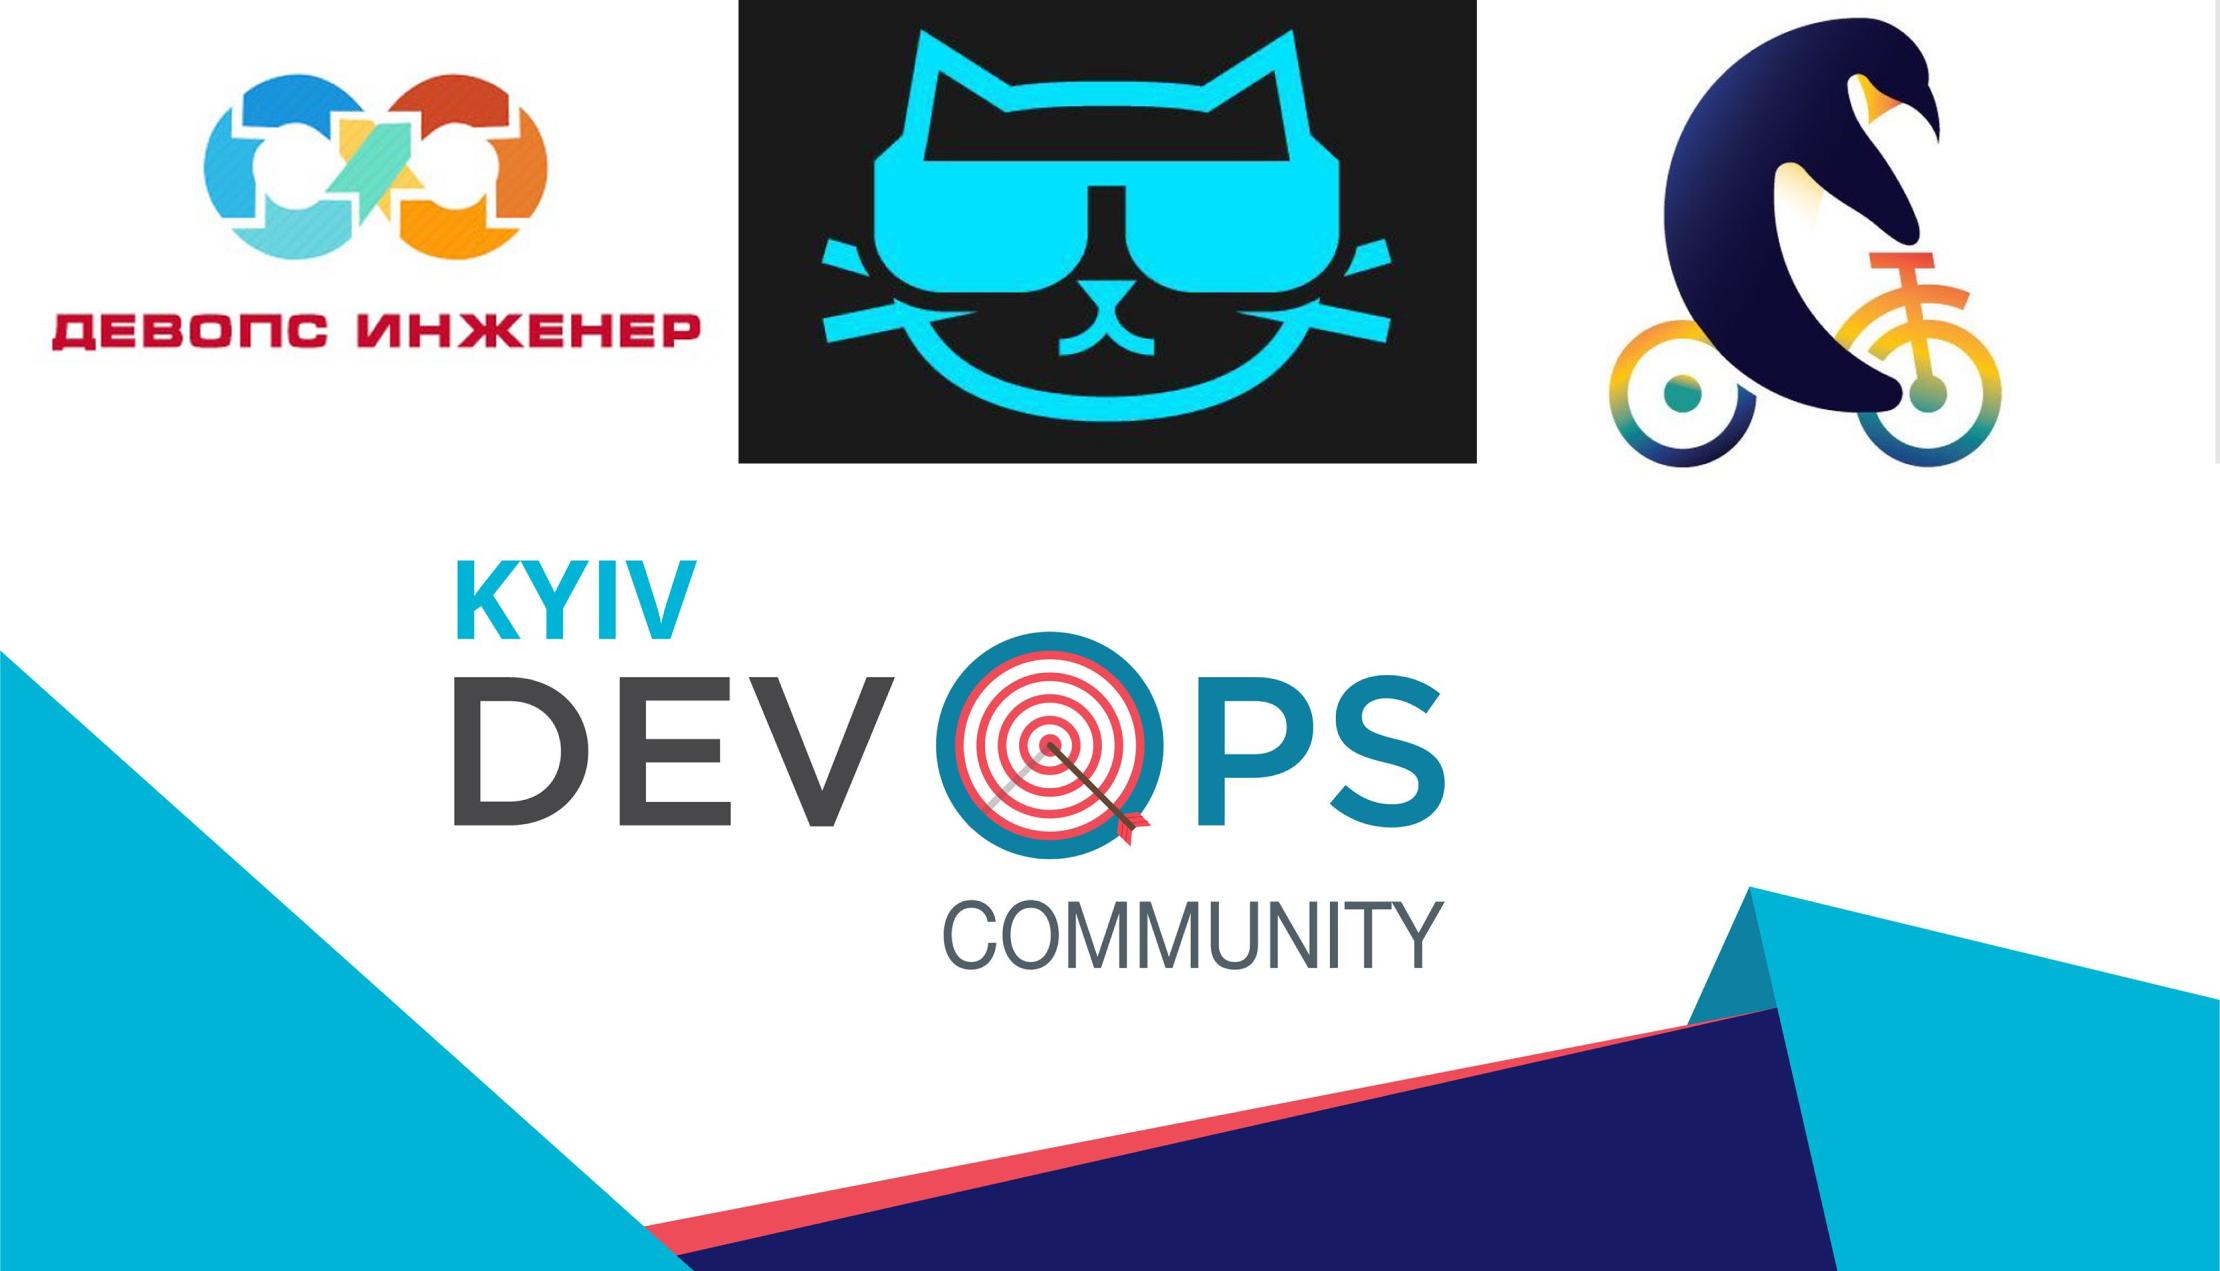 Где читать новости и общаться с коллегами DevOps-инженеру в Украине? Подборка сообществ, конференций и Telegram-каналов